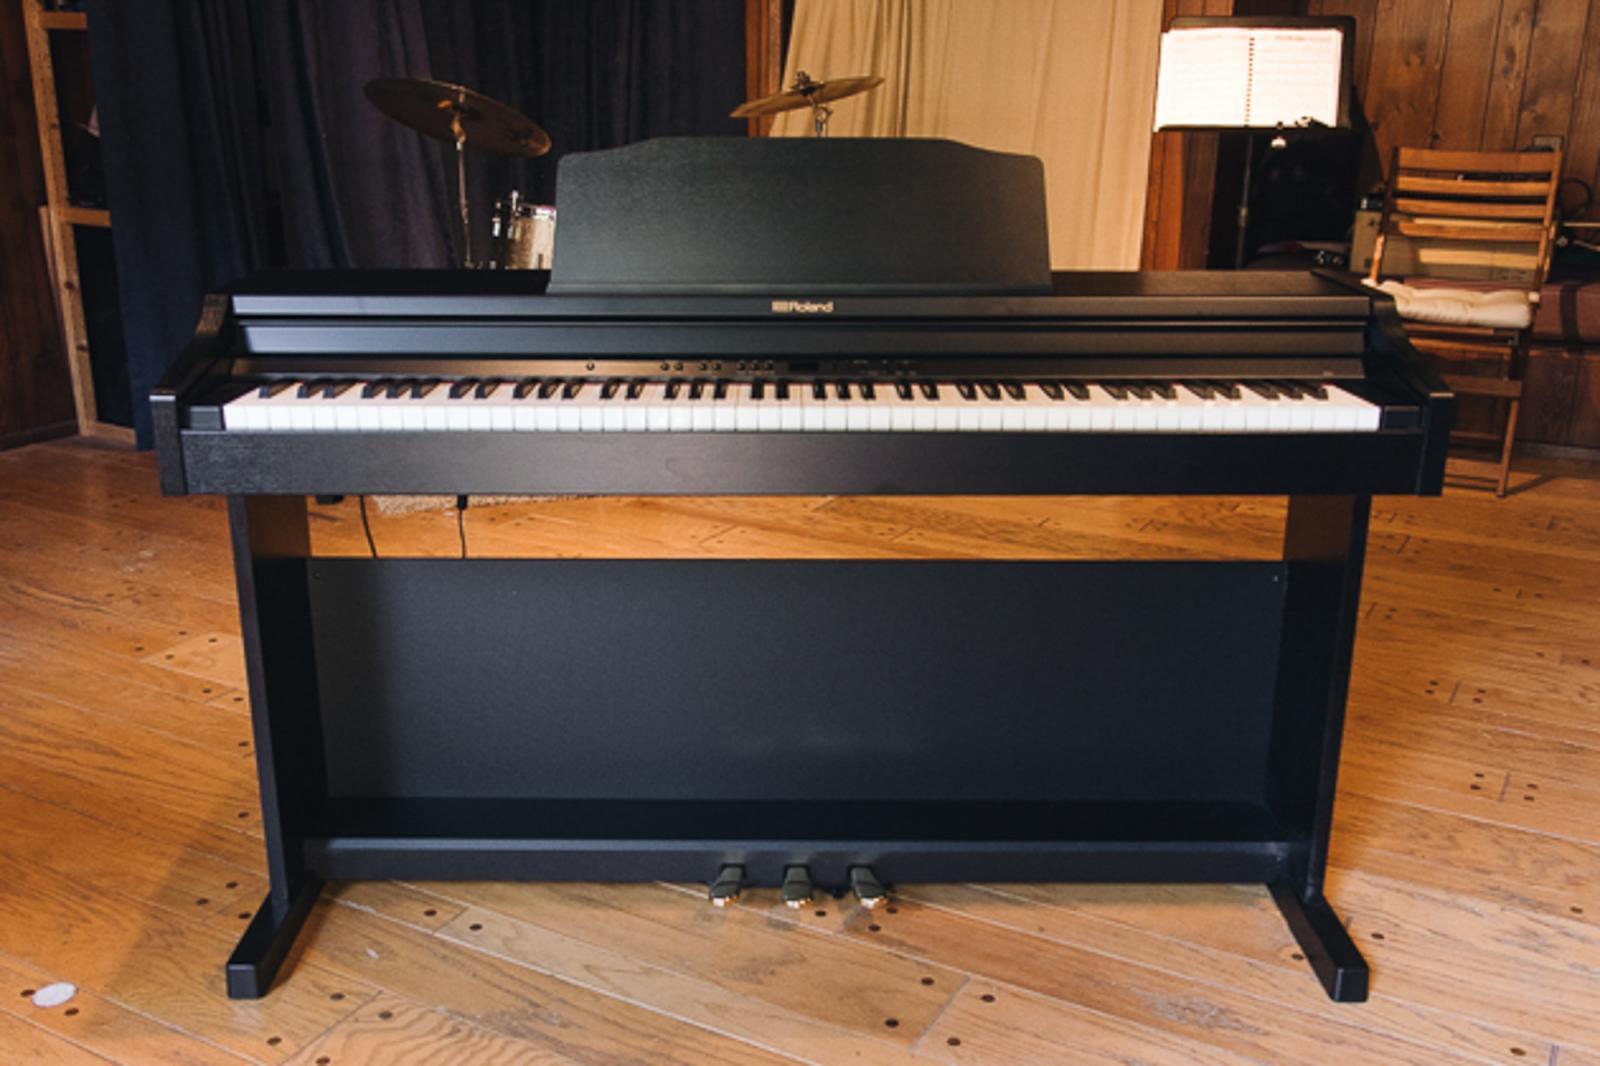 Roland RP-501R có thiết kế nhỏ gọn, tích hợp nhiều tính năng tập luyện